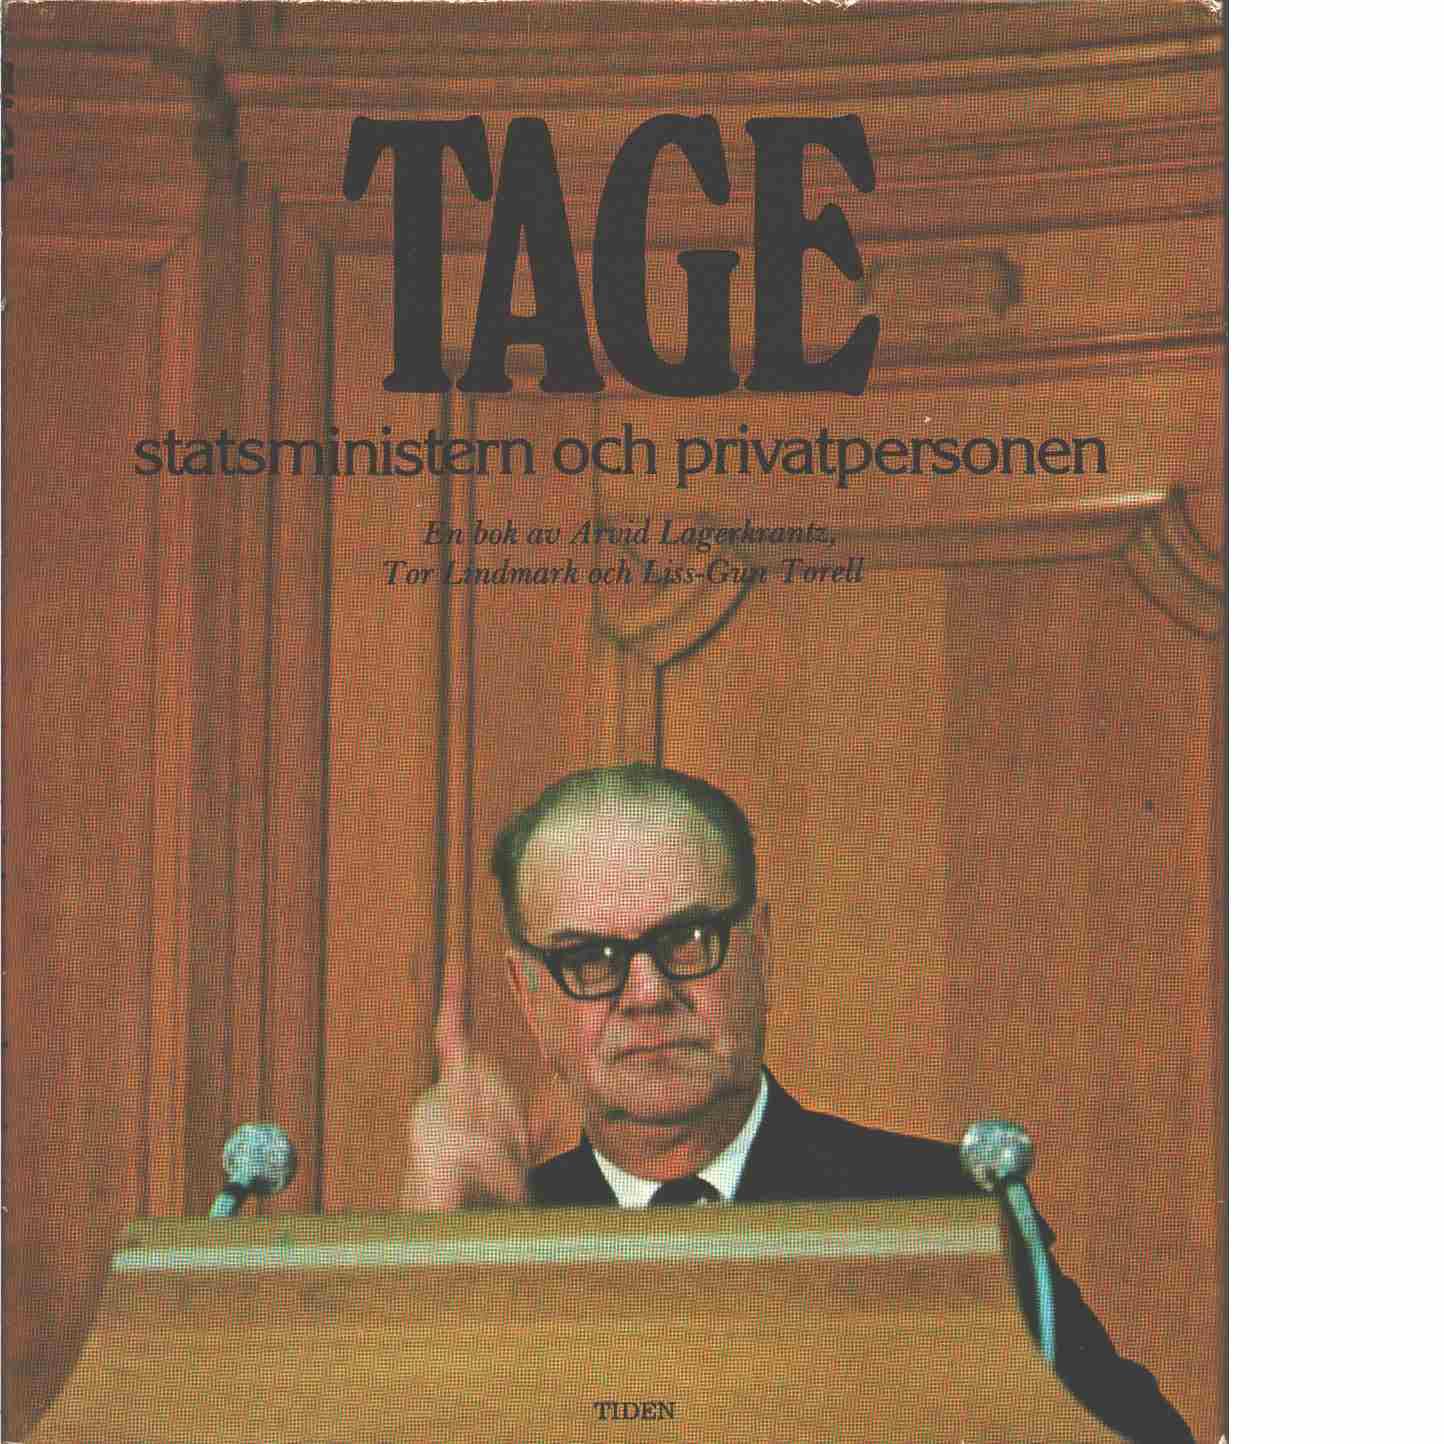 Tage, statsministern och privatpersonen - Lagercrantz, Arvid